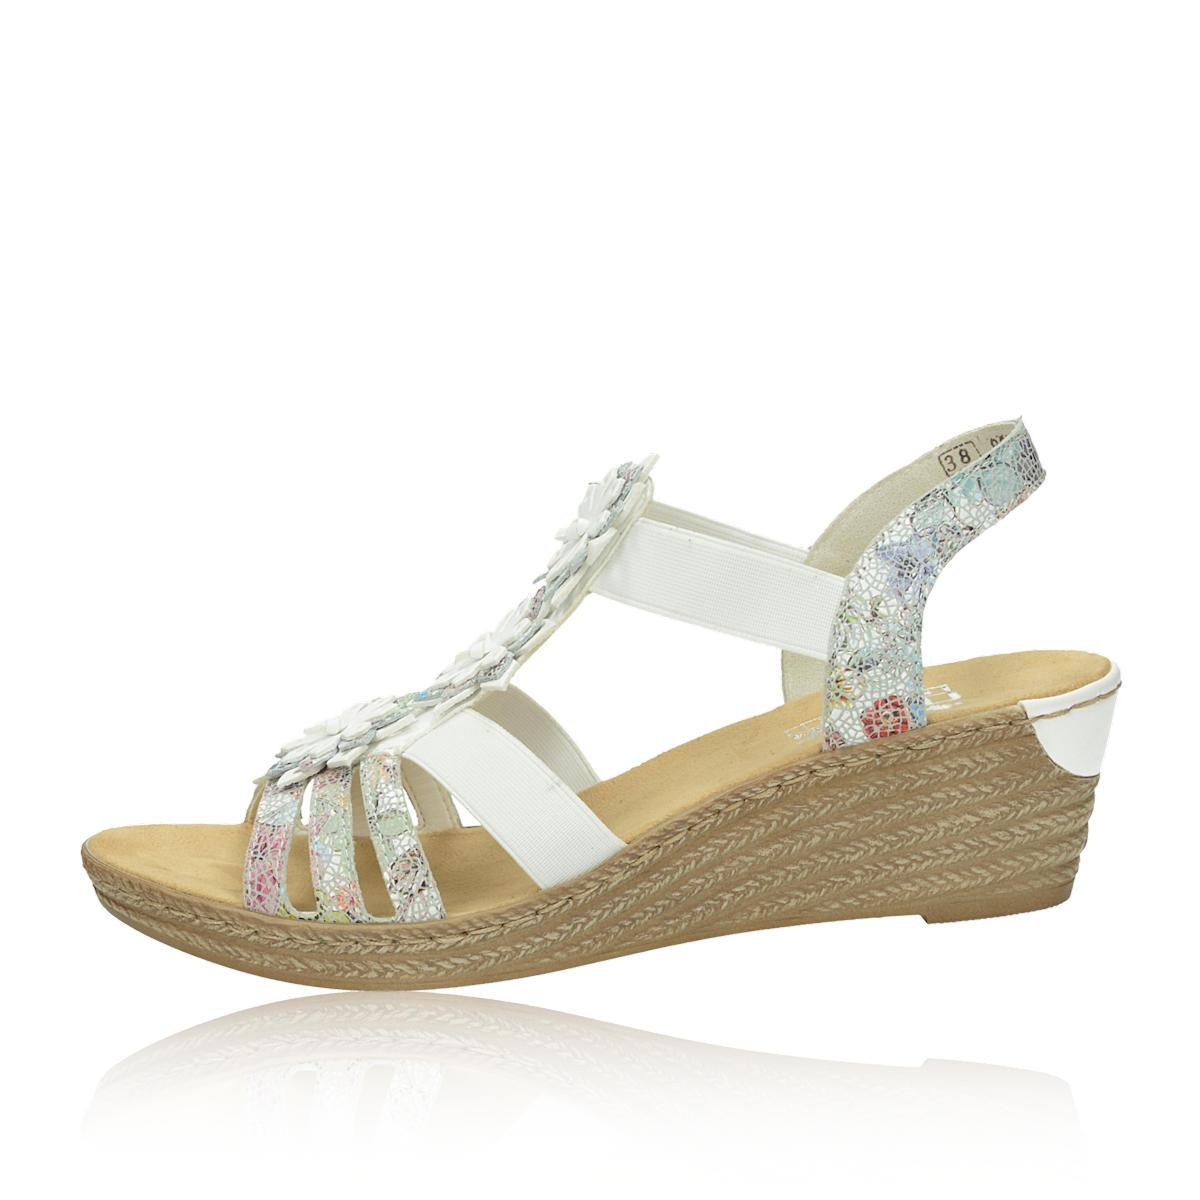 37f6a8fb1fd4 Rieker dámske štýlové sandále - biele Rieker dámske štýlové sandále - biele  ...